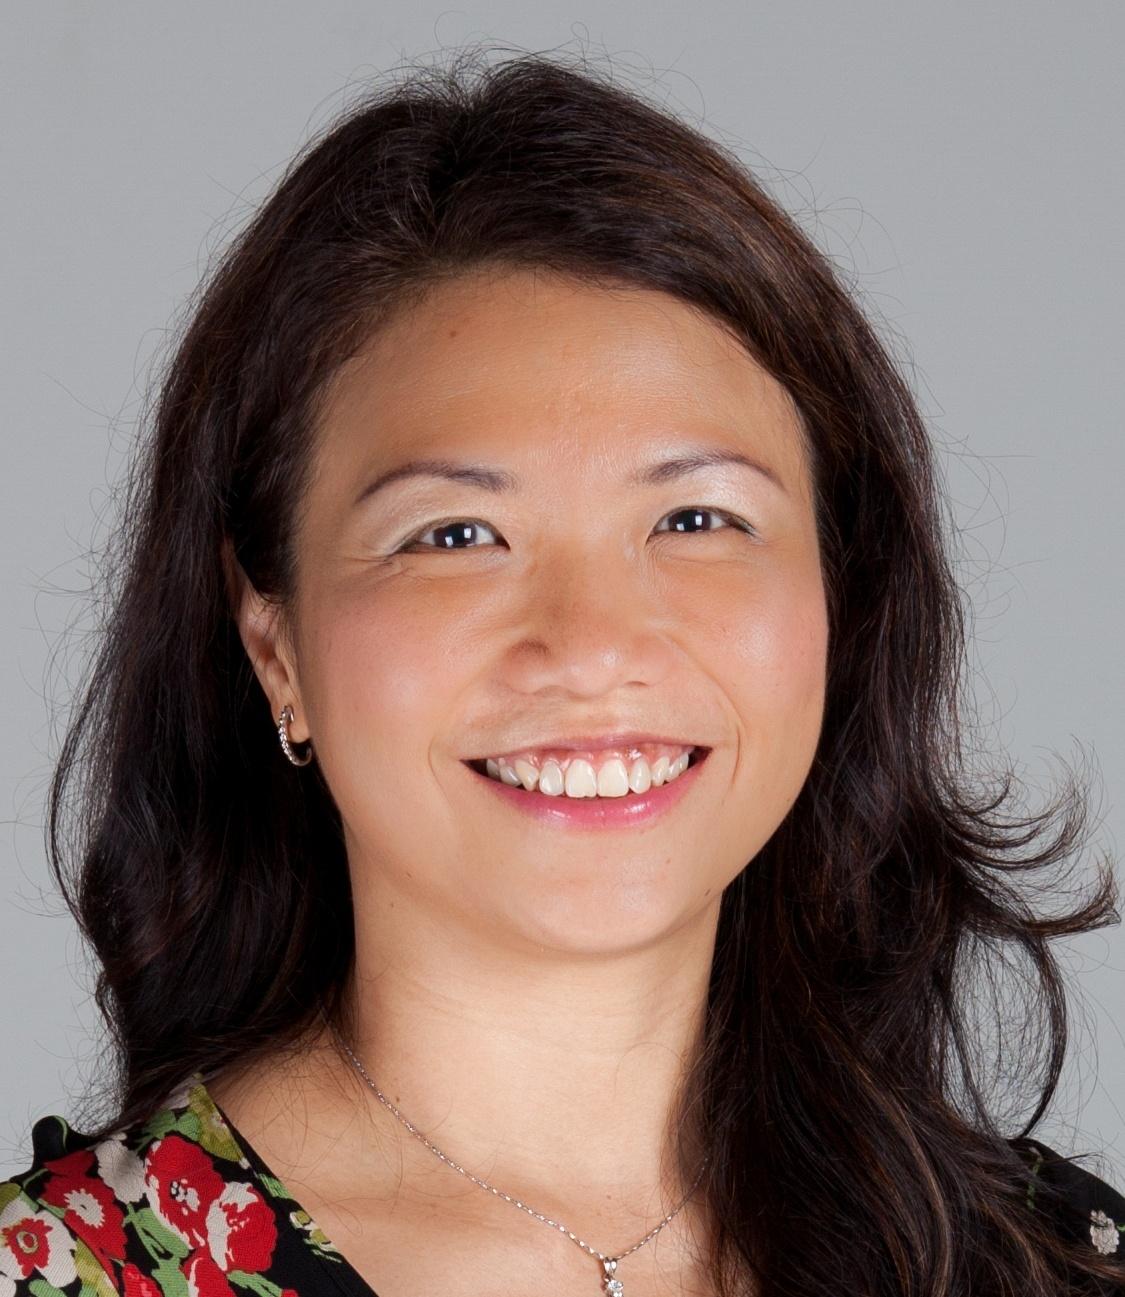 Emelia Prayogo